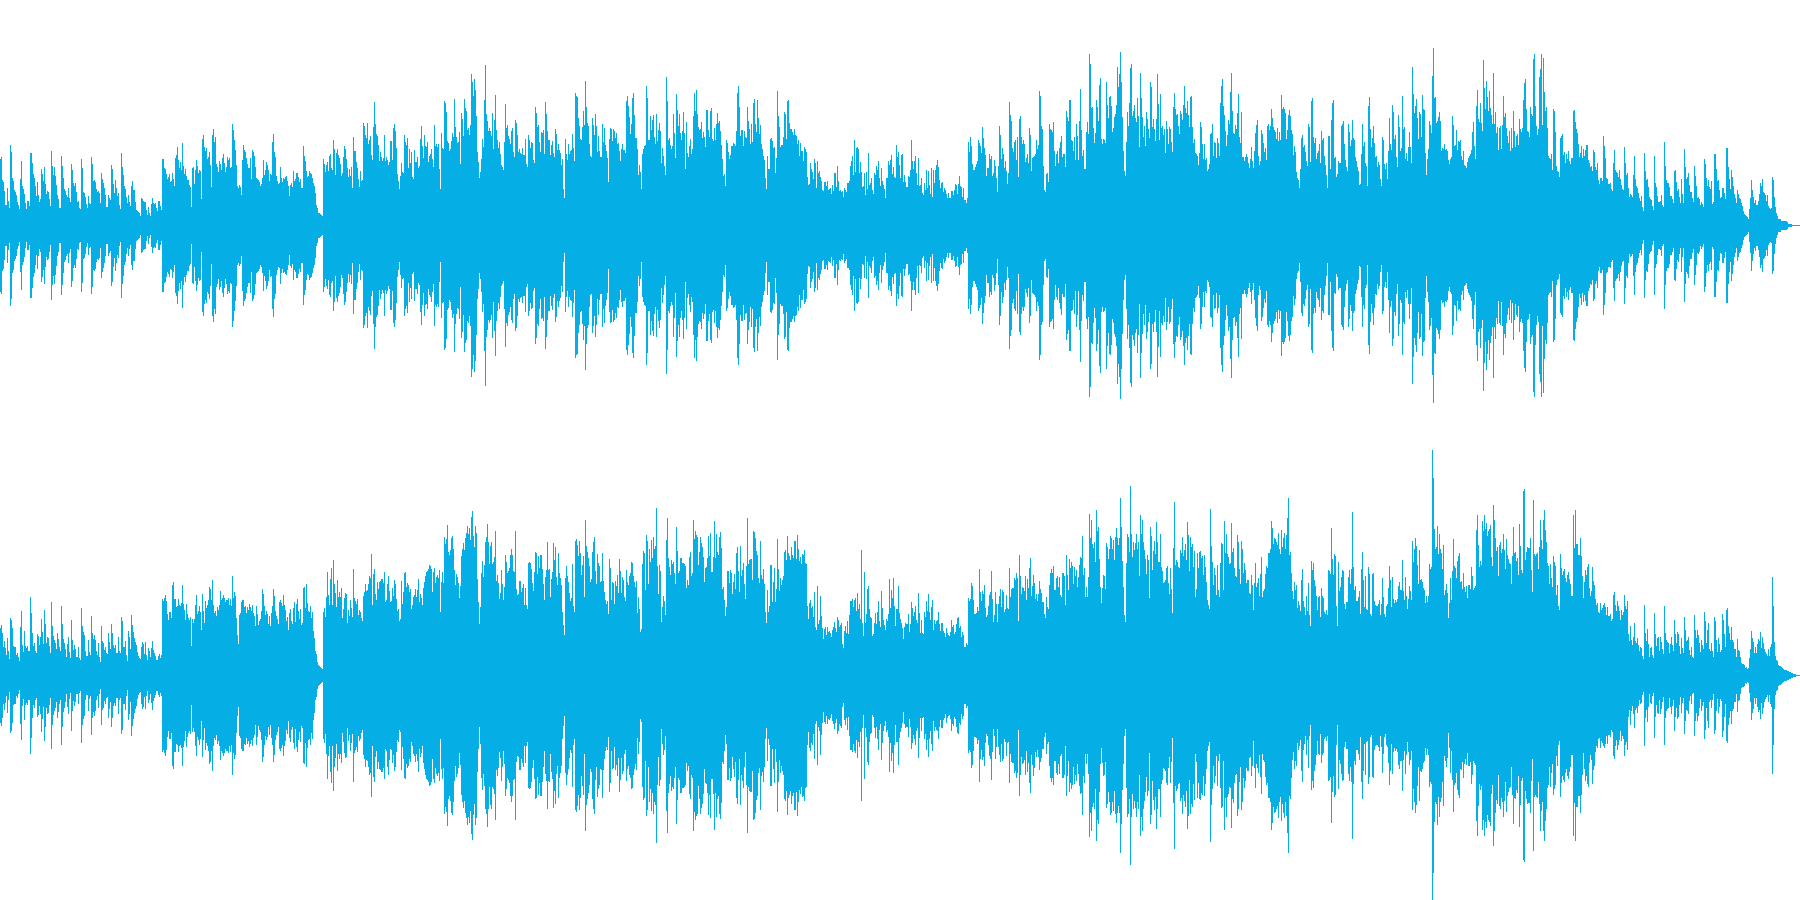 ほのぼのした雰囲気のバラードの再生済みの波形